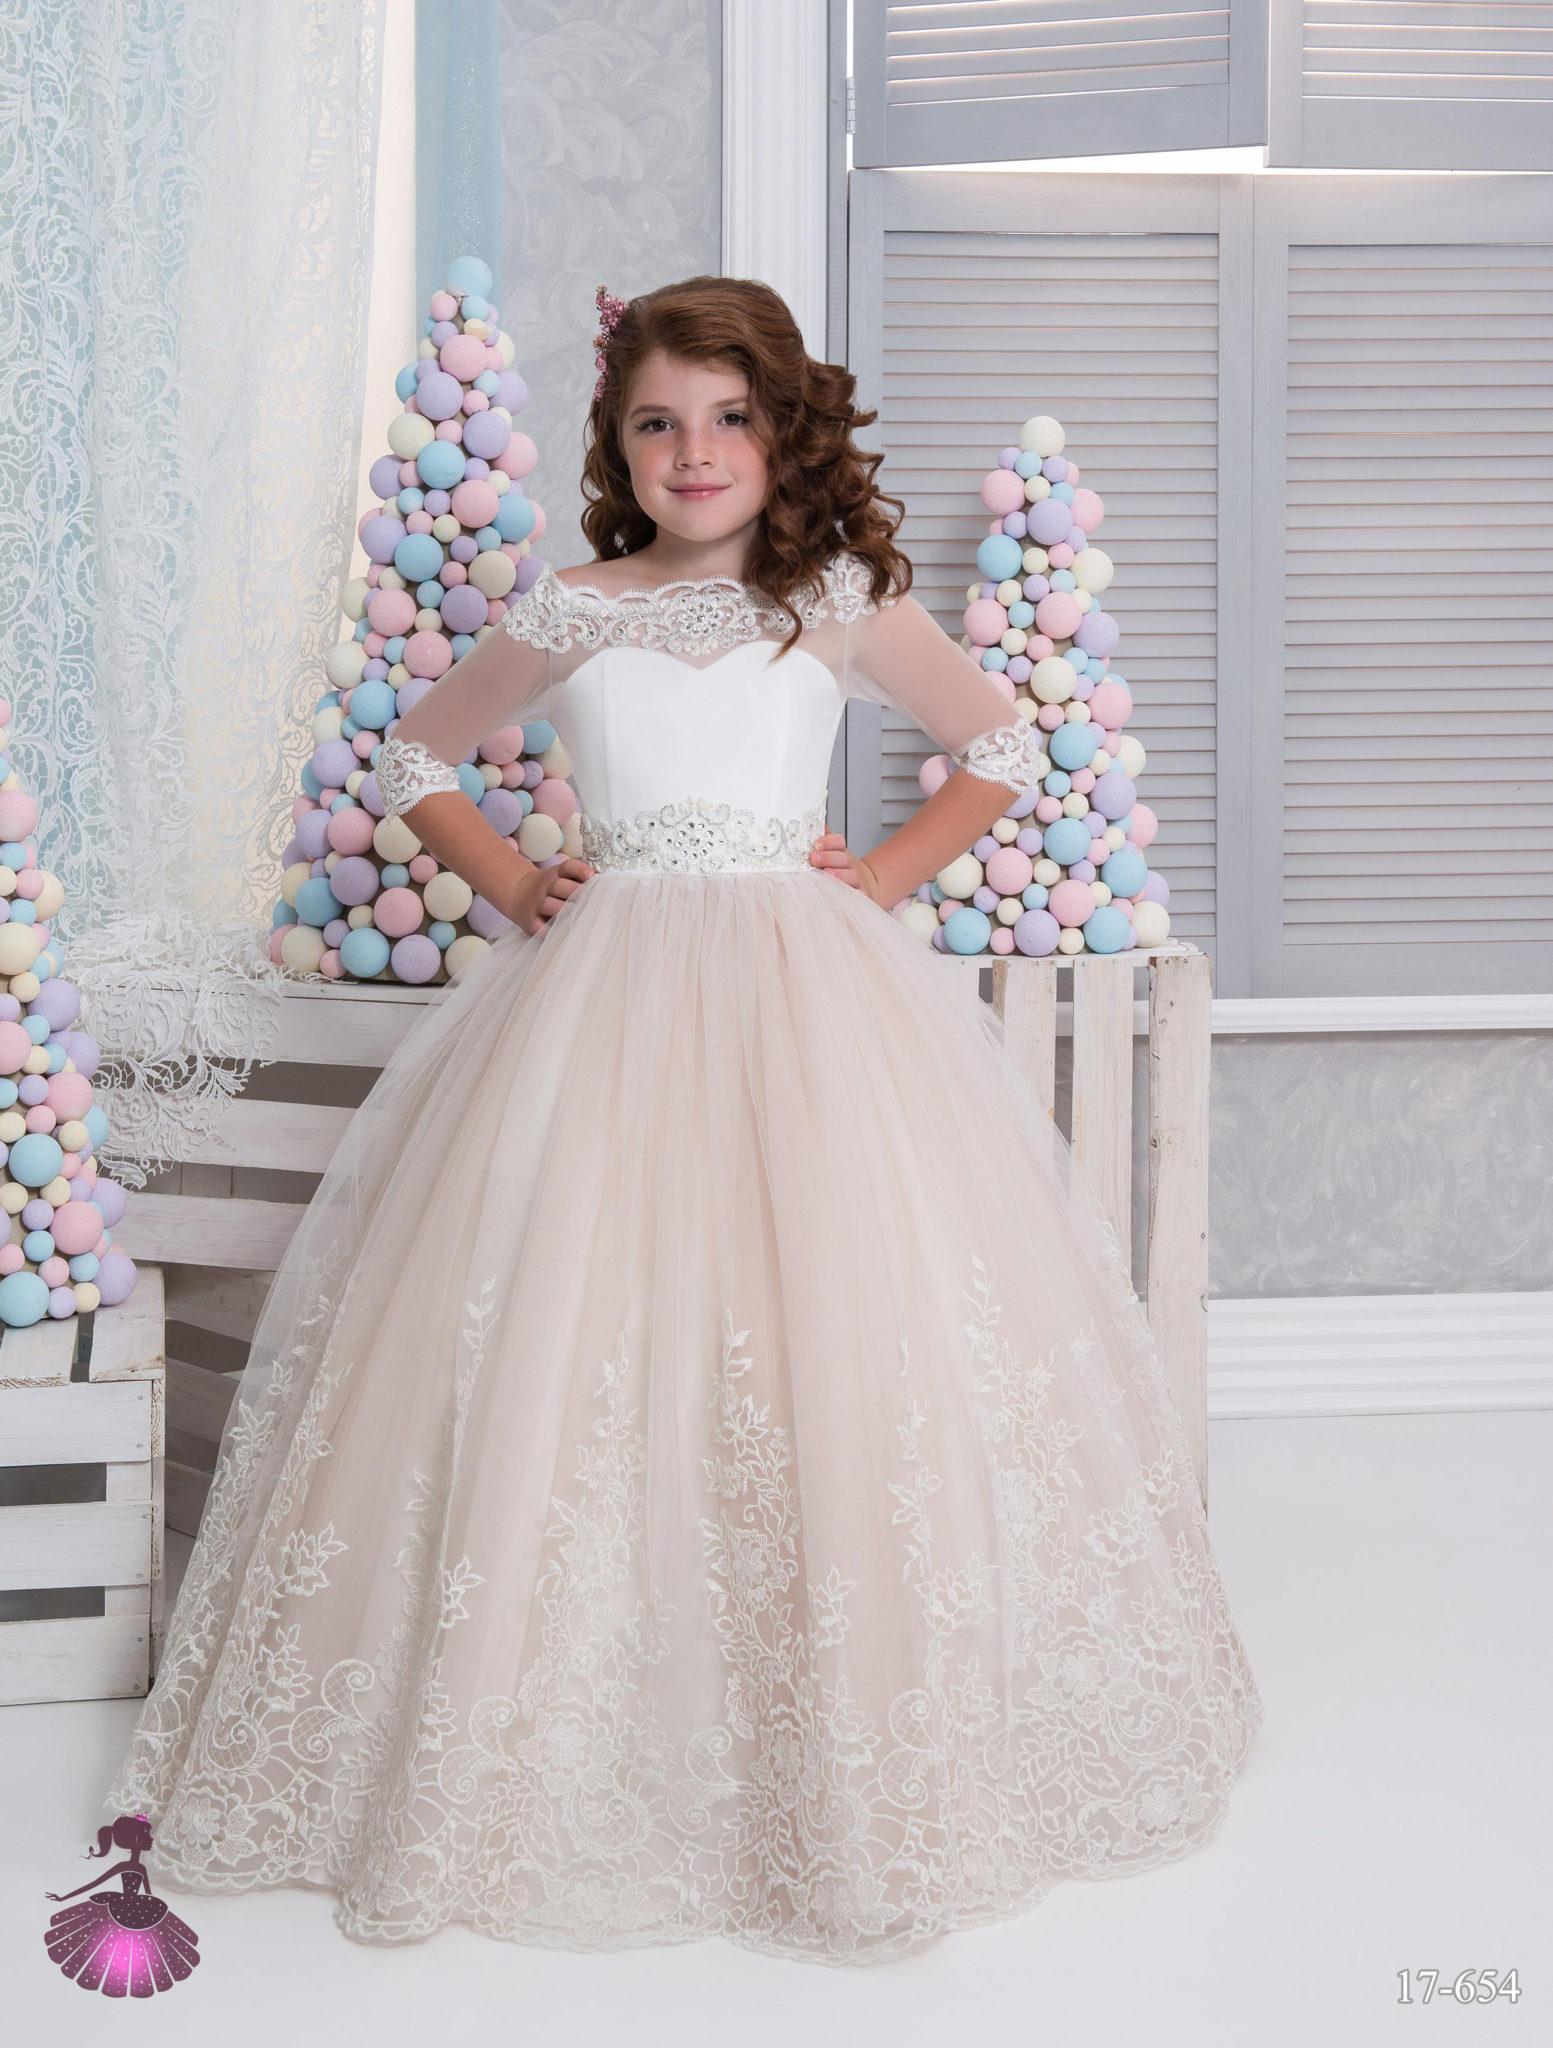 Аренда платьев Little queen dress в фотостудии Frontpage 17-654 4